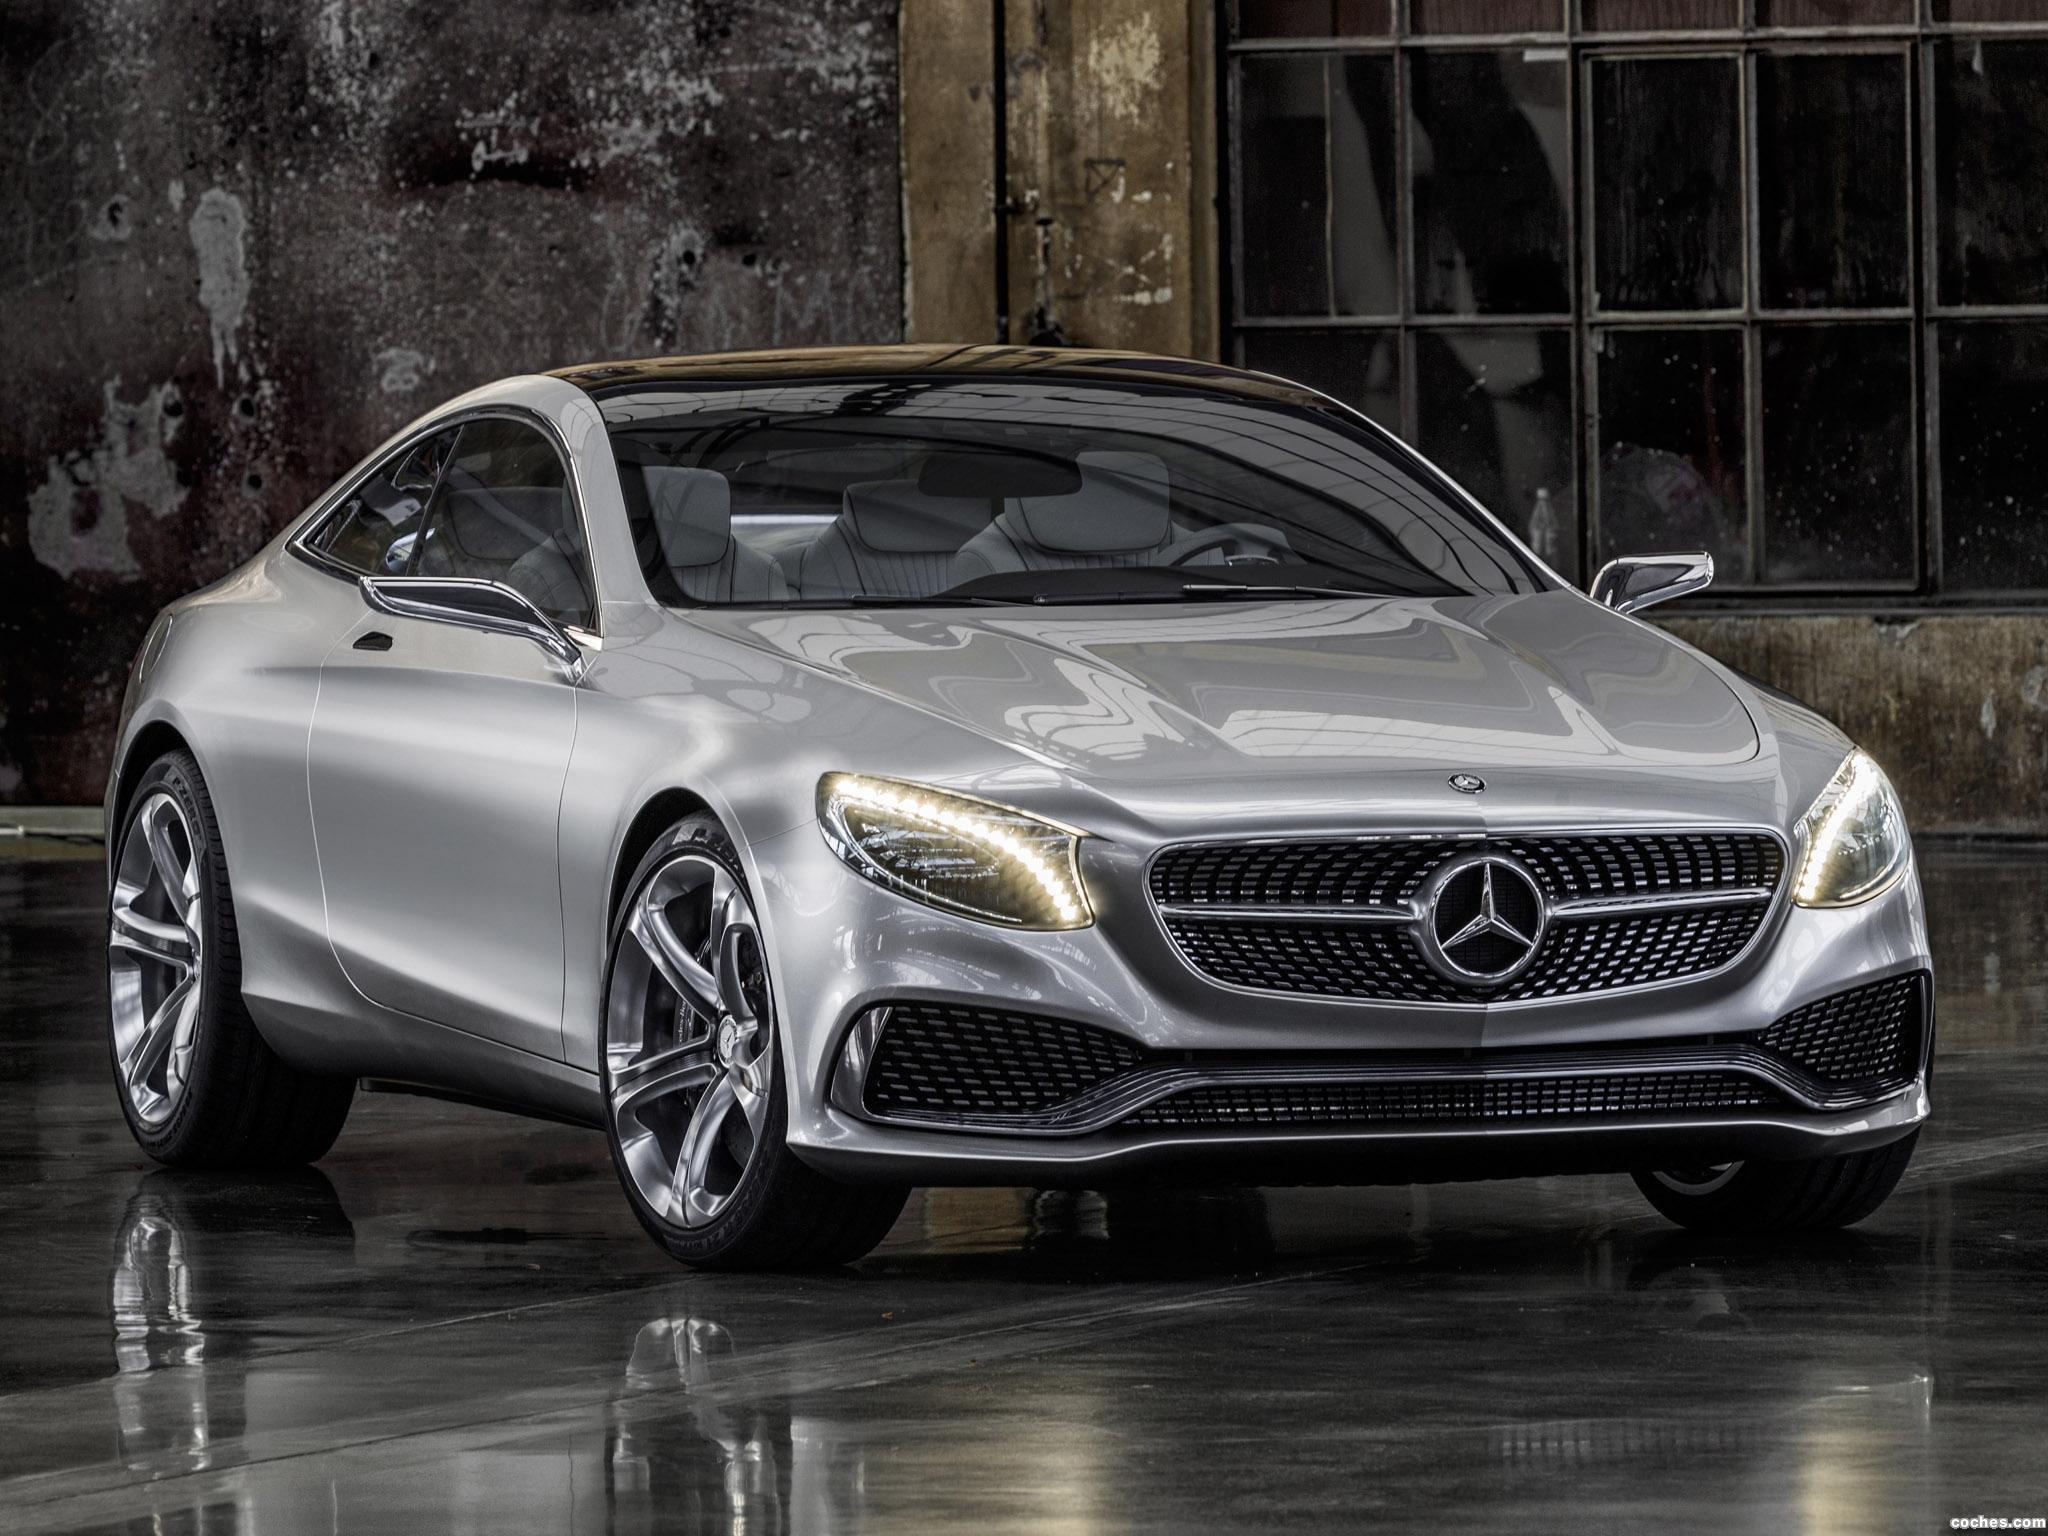 Foto 19 de Mercedes Clase S Coupe Concept 2013